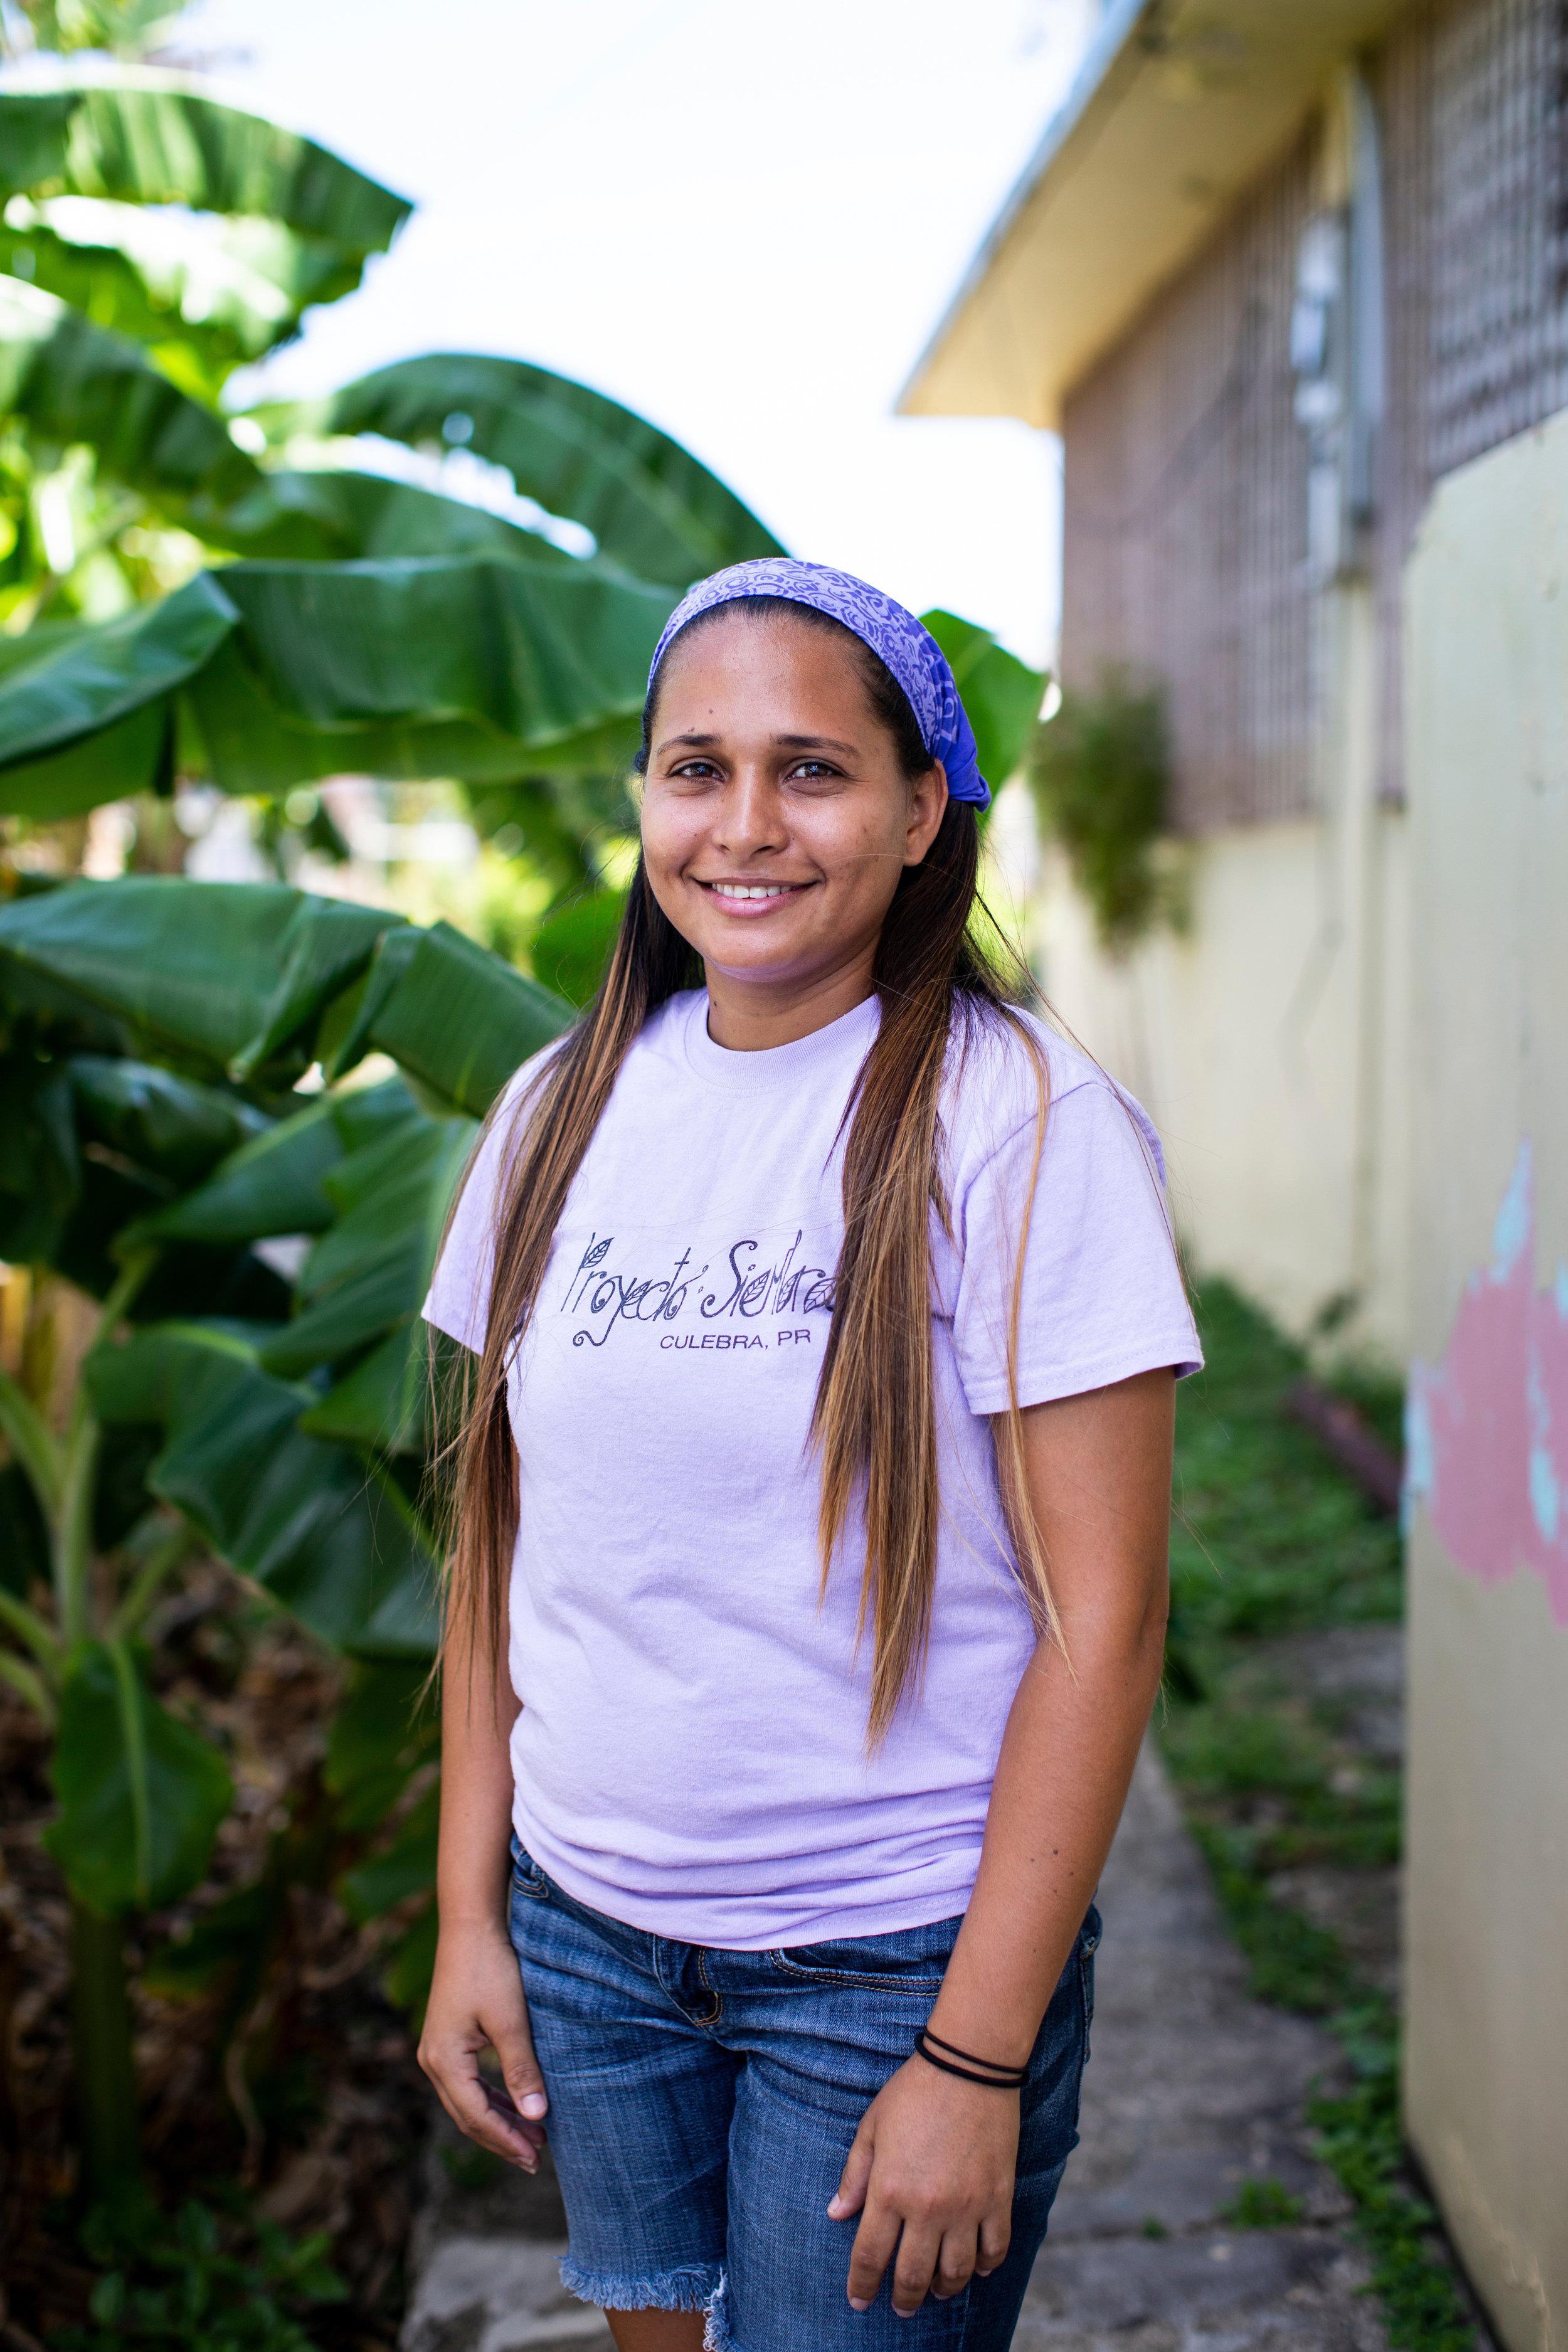 Iris Climent, 28, posa para un retrato en la sede de Mujeres de Islas en Culebra, P.R., el 23 de abril de 2019. Climent trabaja a tiempo completo como participante del Proyecto Siembra, de Mujeres de Islas.